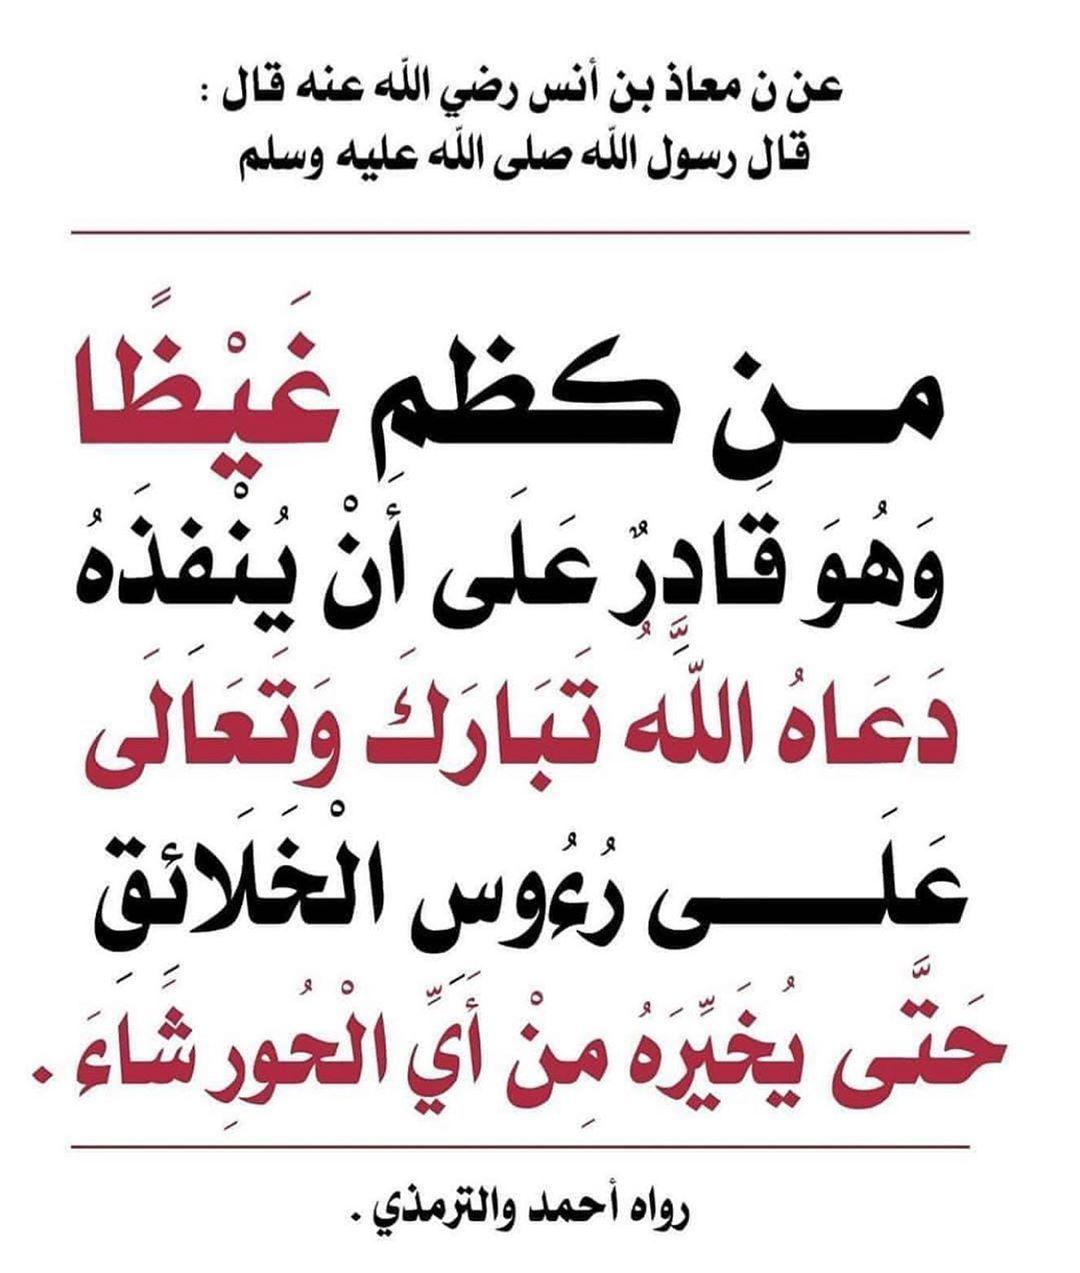 و ذ ك ر On Instagram اكتب شيء تؤجر عليه الله الدعاء الذكر الاستغفار القران Islamic Phrases Islamic Inspirational Quotes Beautiful Quran Quotes